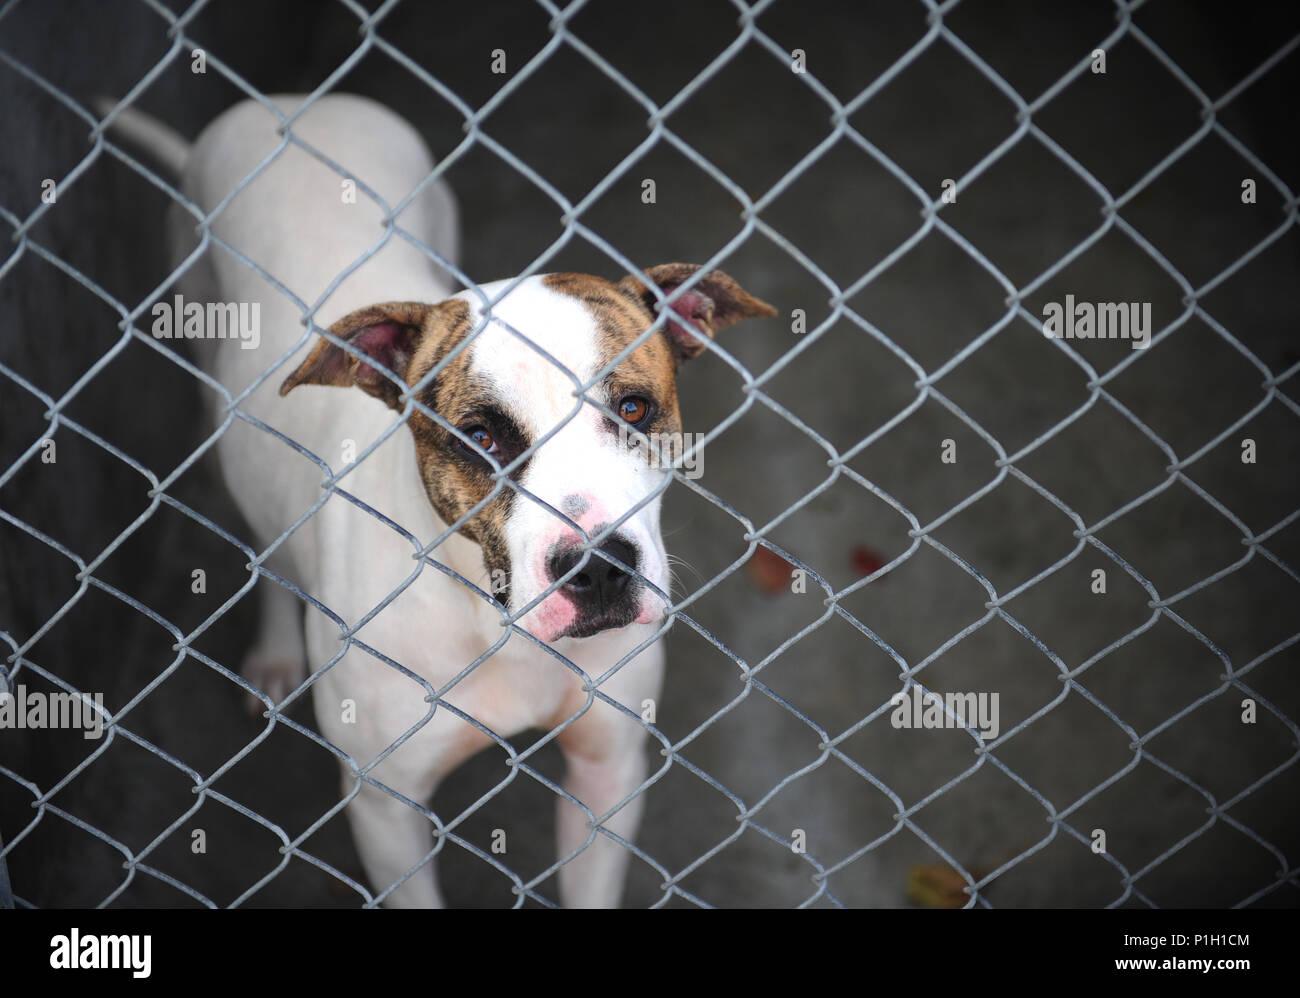 Uno dei molti cani precedentemente disponibili presso un locale rifugio per gli animali coetanei attraverso la recinzione in Warrensburg, Mo. opportunità di volontariato presso un rifugio includono la socializzazione e l'esercizio degli animali. Come ottenere i cani al di fuori della loro cucce per alcuni one-to-one di spazzolatura o la loro assunzione in una passeggiata aiuta il personale di imparare alcune delle loro peculiarità in modo che possano trovare buoni piazzamenti per loro. (U.S. Air Force foto di Senior Airman Jazmin Smith) Immagini Stock